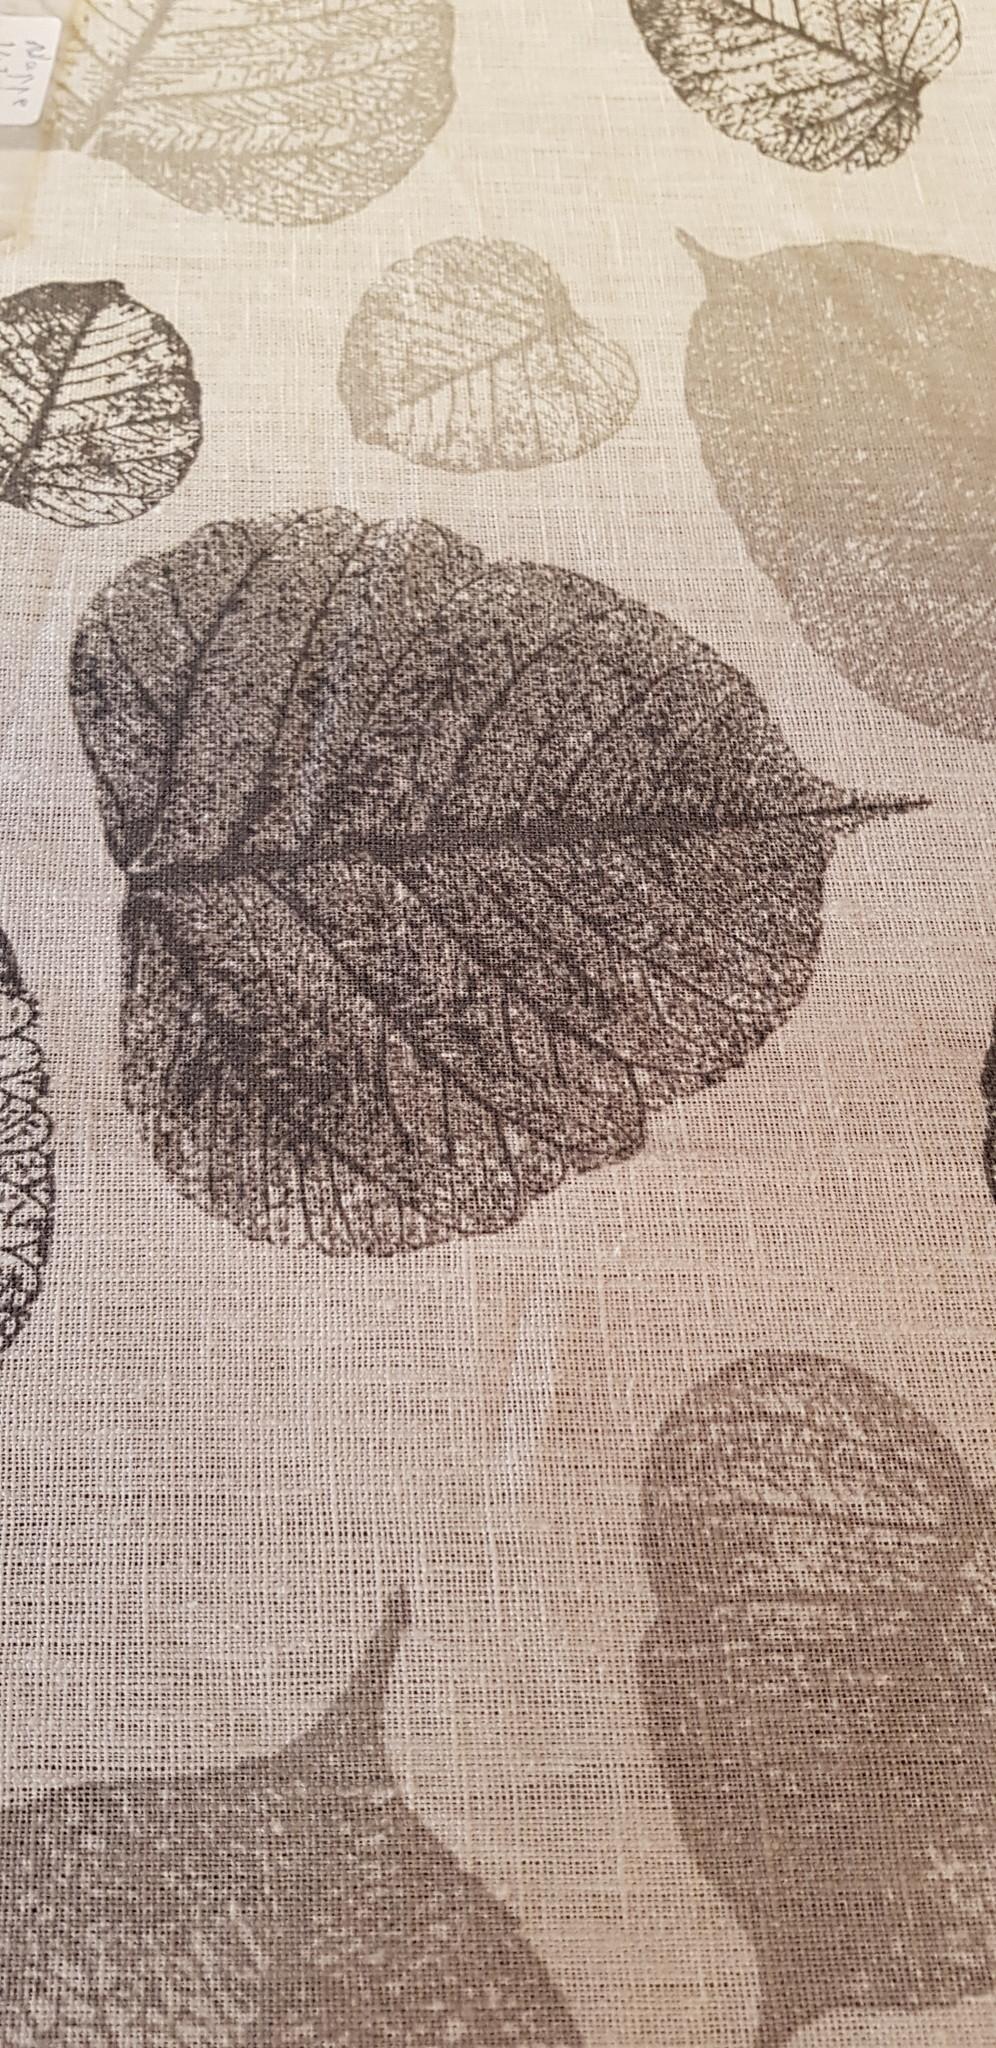 Le grenier du lin nappe feuillage